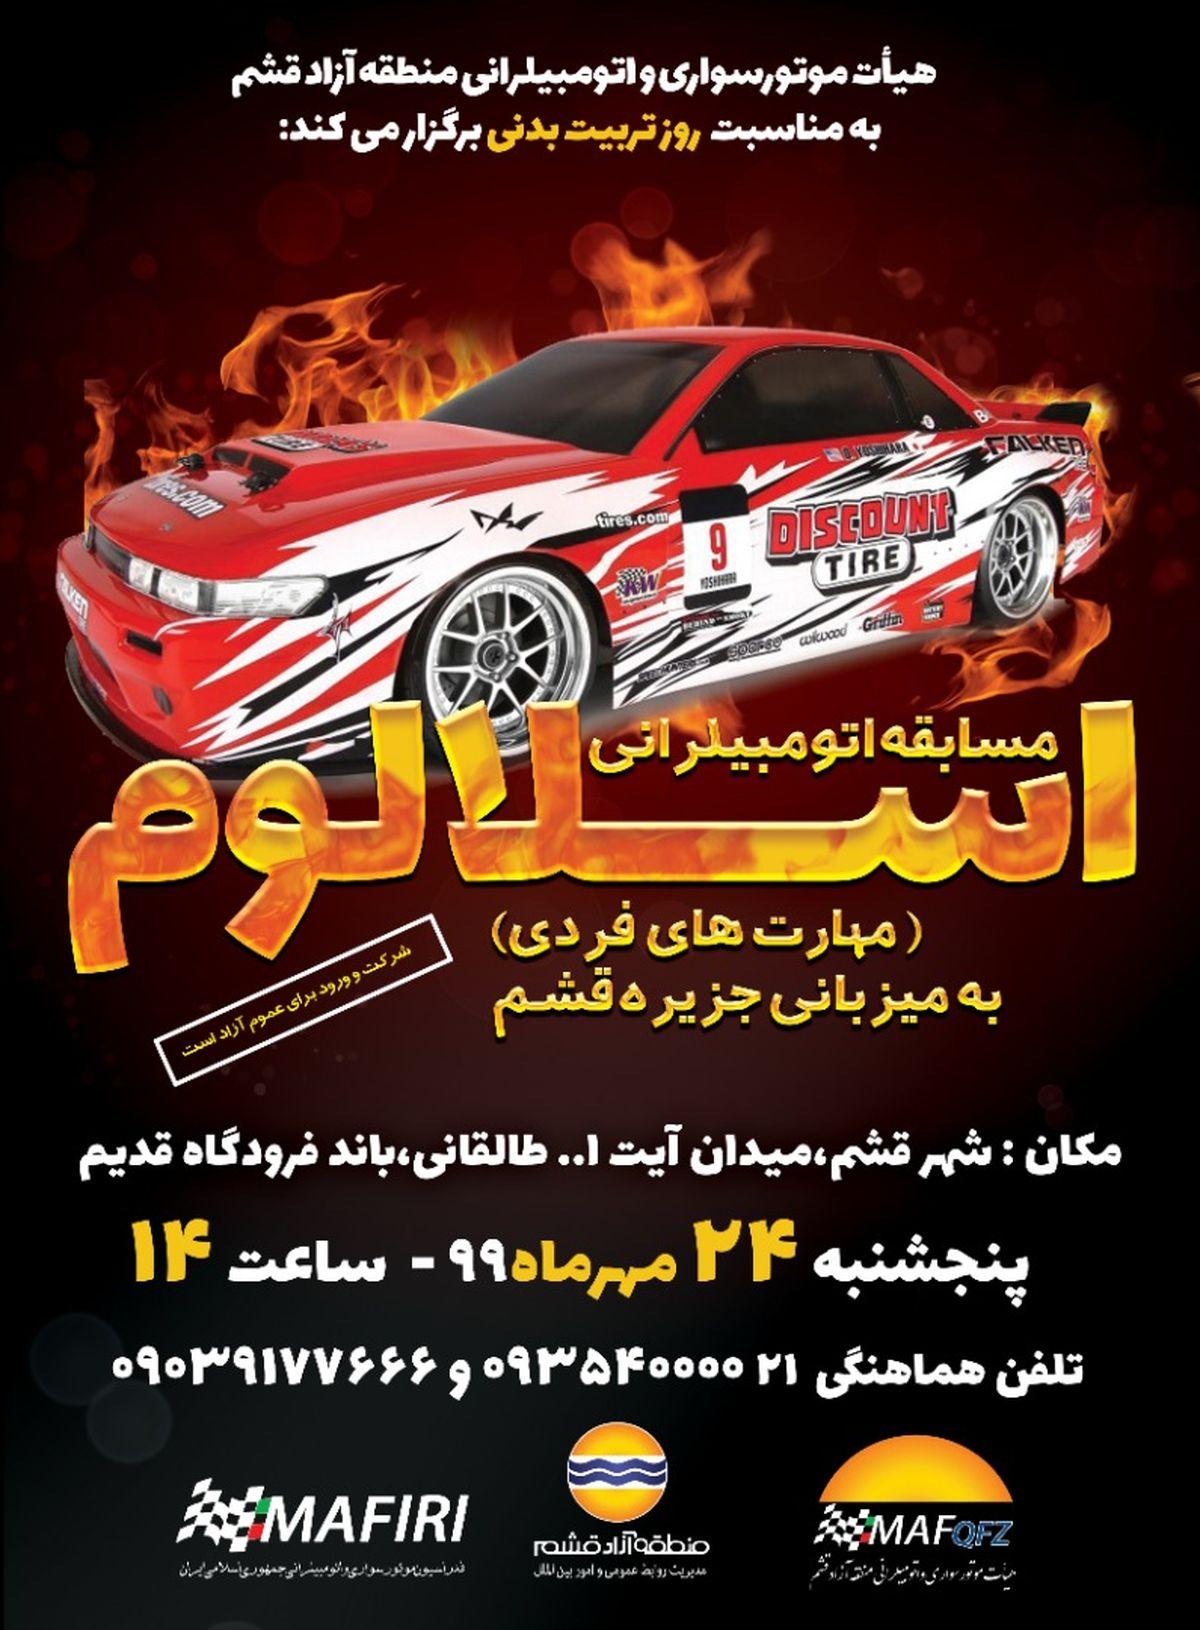 """برگزاری مسابقه اتومبیلرانی """"اسلالوم"""" به مناسبت روز تربیت بدنی"""